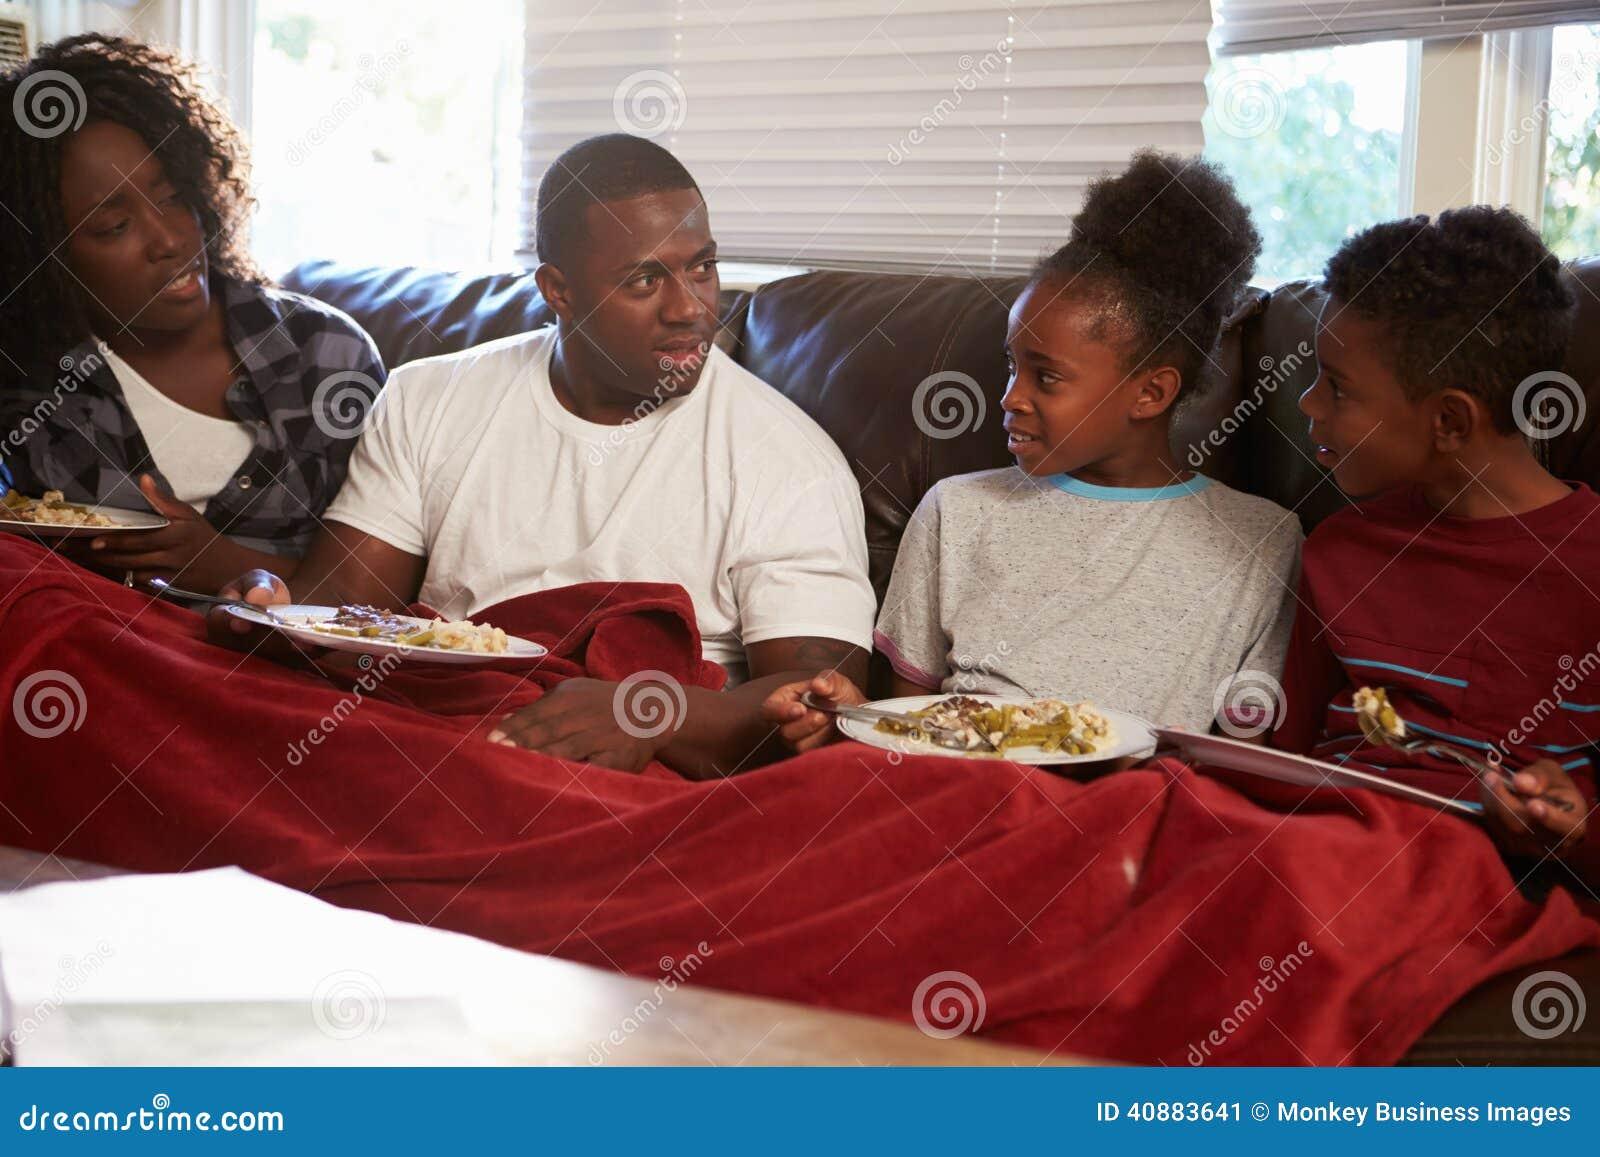 Familie met Slechte Dieetzitting op Sofa Eating Meal